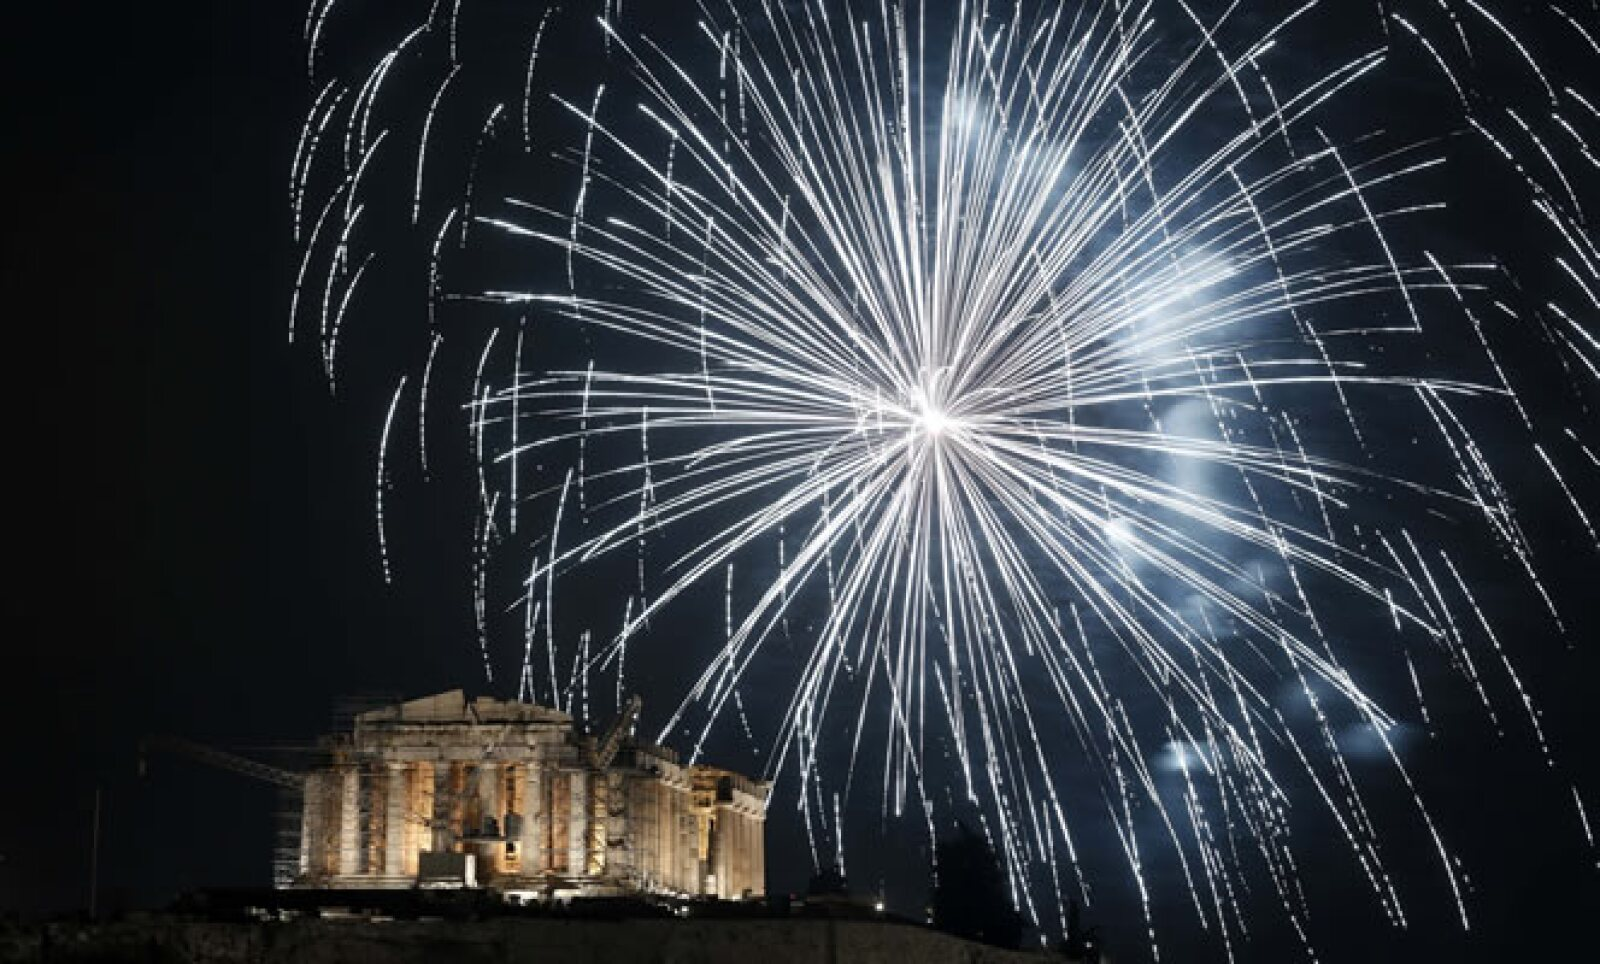 La Grecia de la crisis se dio tiempo para celebrar el año nuevo, esperando que 2013 traiga mejores noticias económicas.